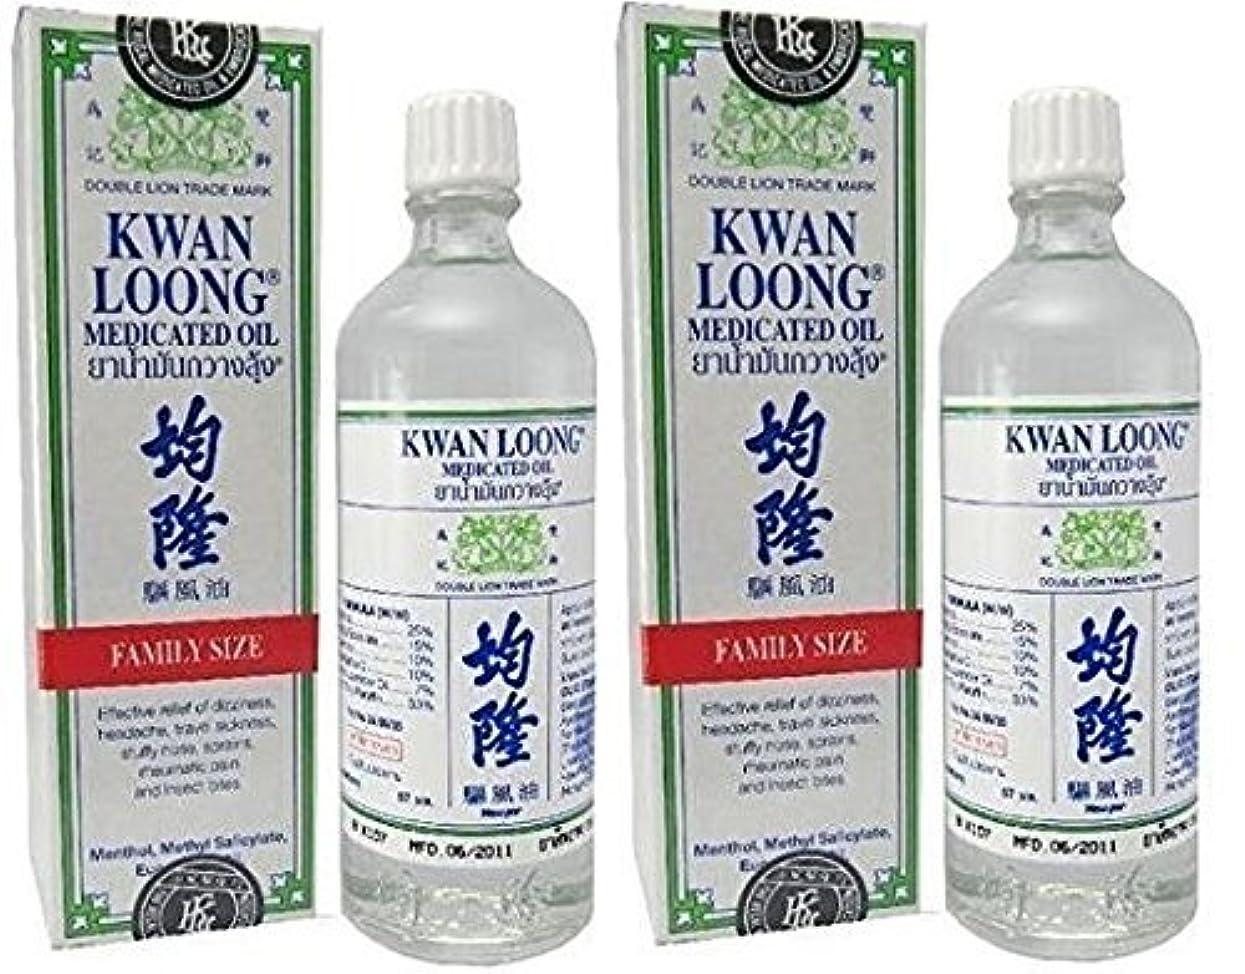 批判的流行トレイルクワンルーン薬用オイル 2 x 57ミリリットル 2 x Kwan Loong Medicated Oil 57ml. Free Shipping.